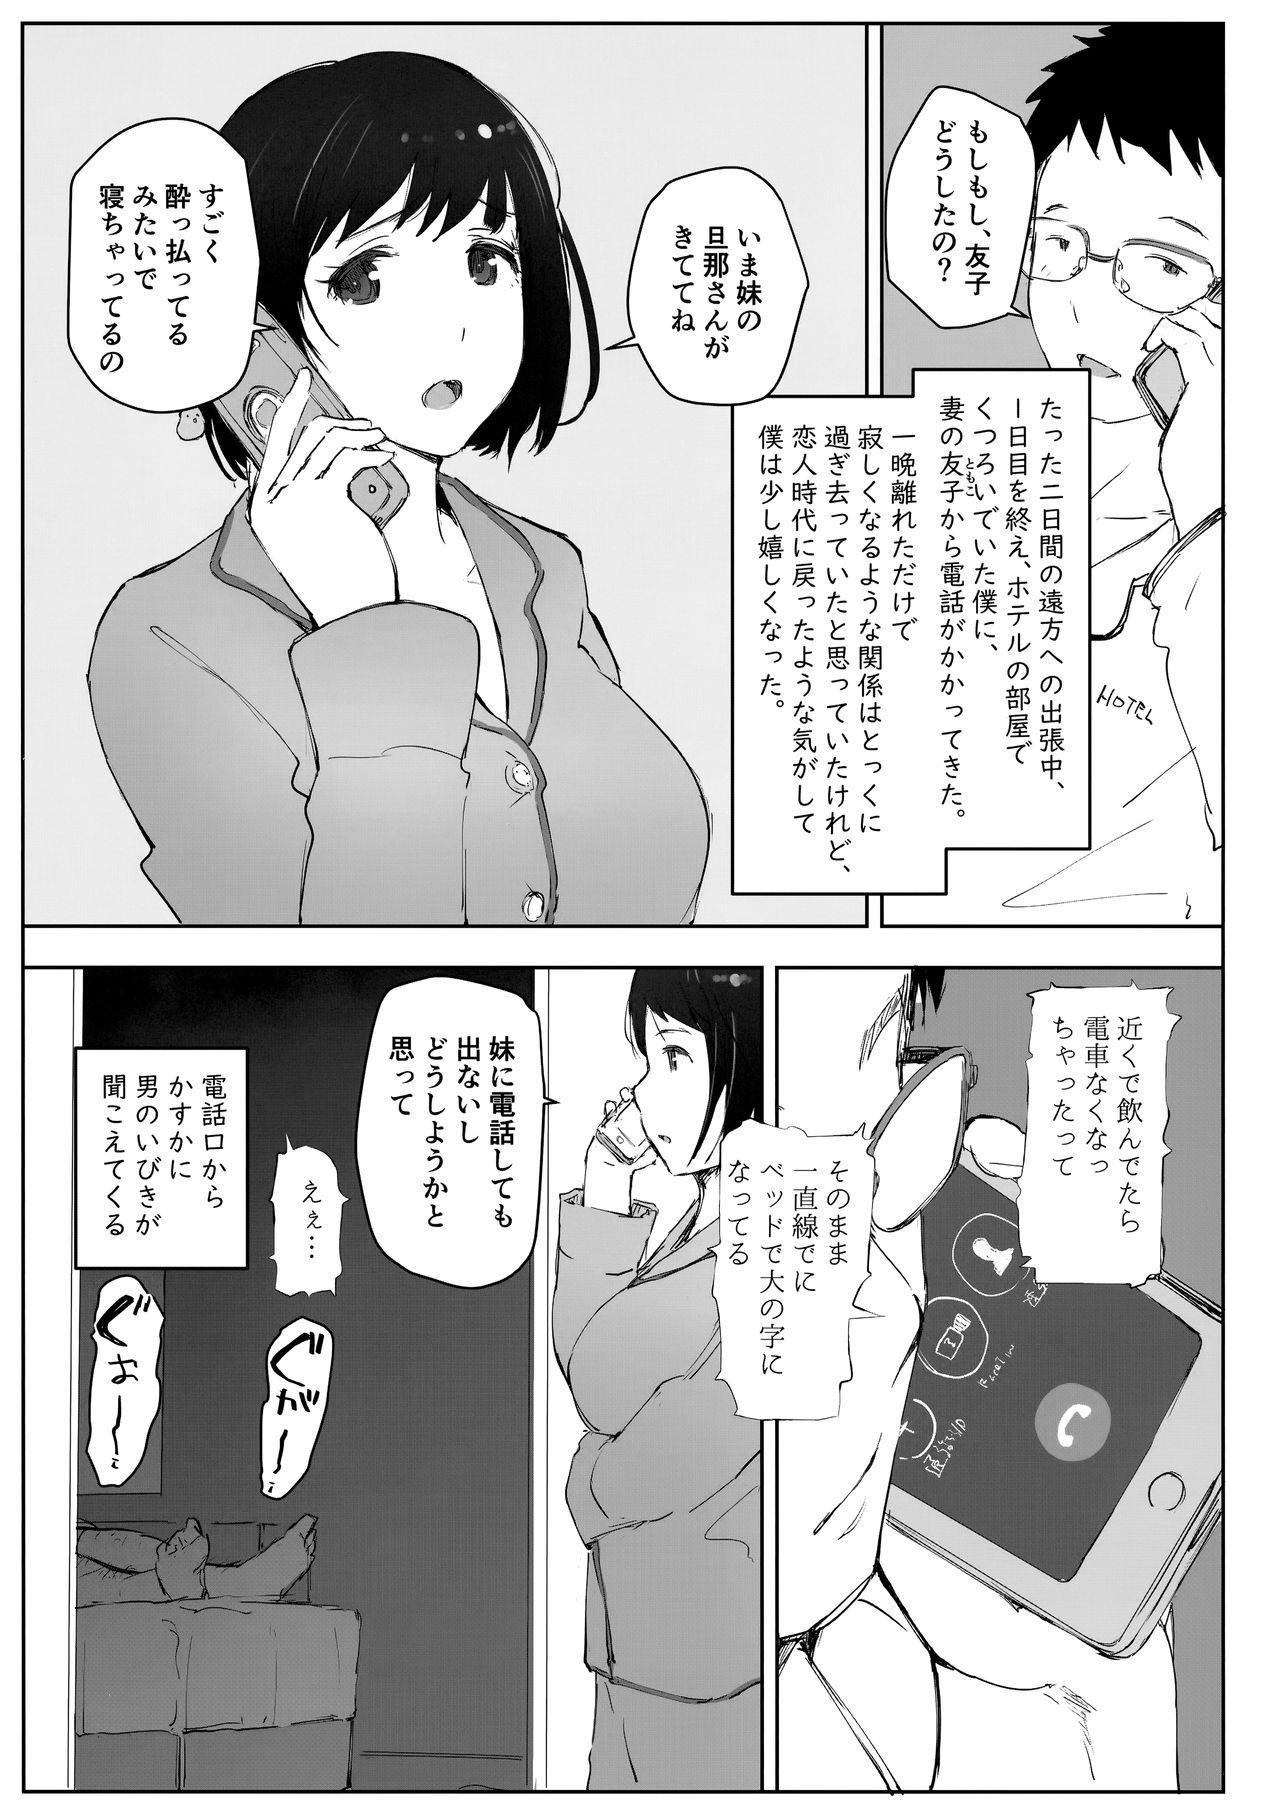 Tsuma no Imouto no Danna ga Ie ni Kiteiruyoudesu. 1